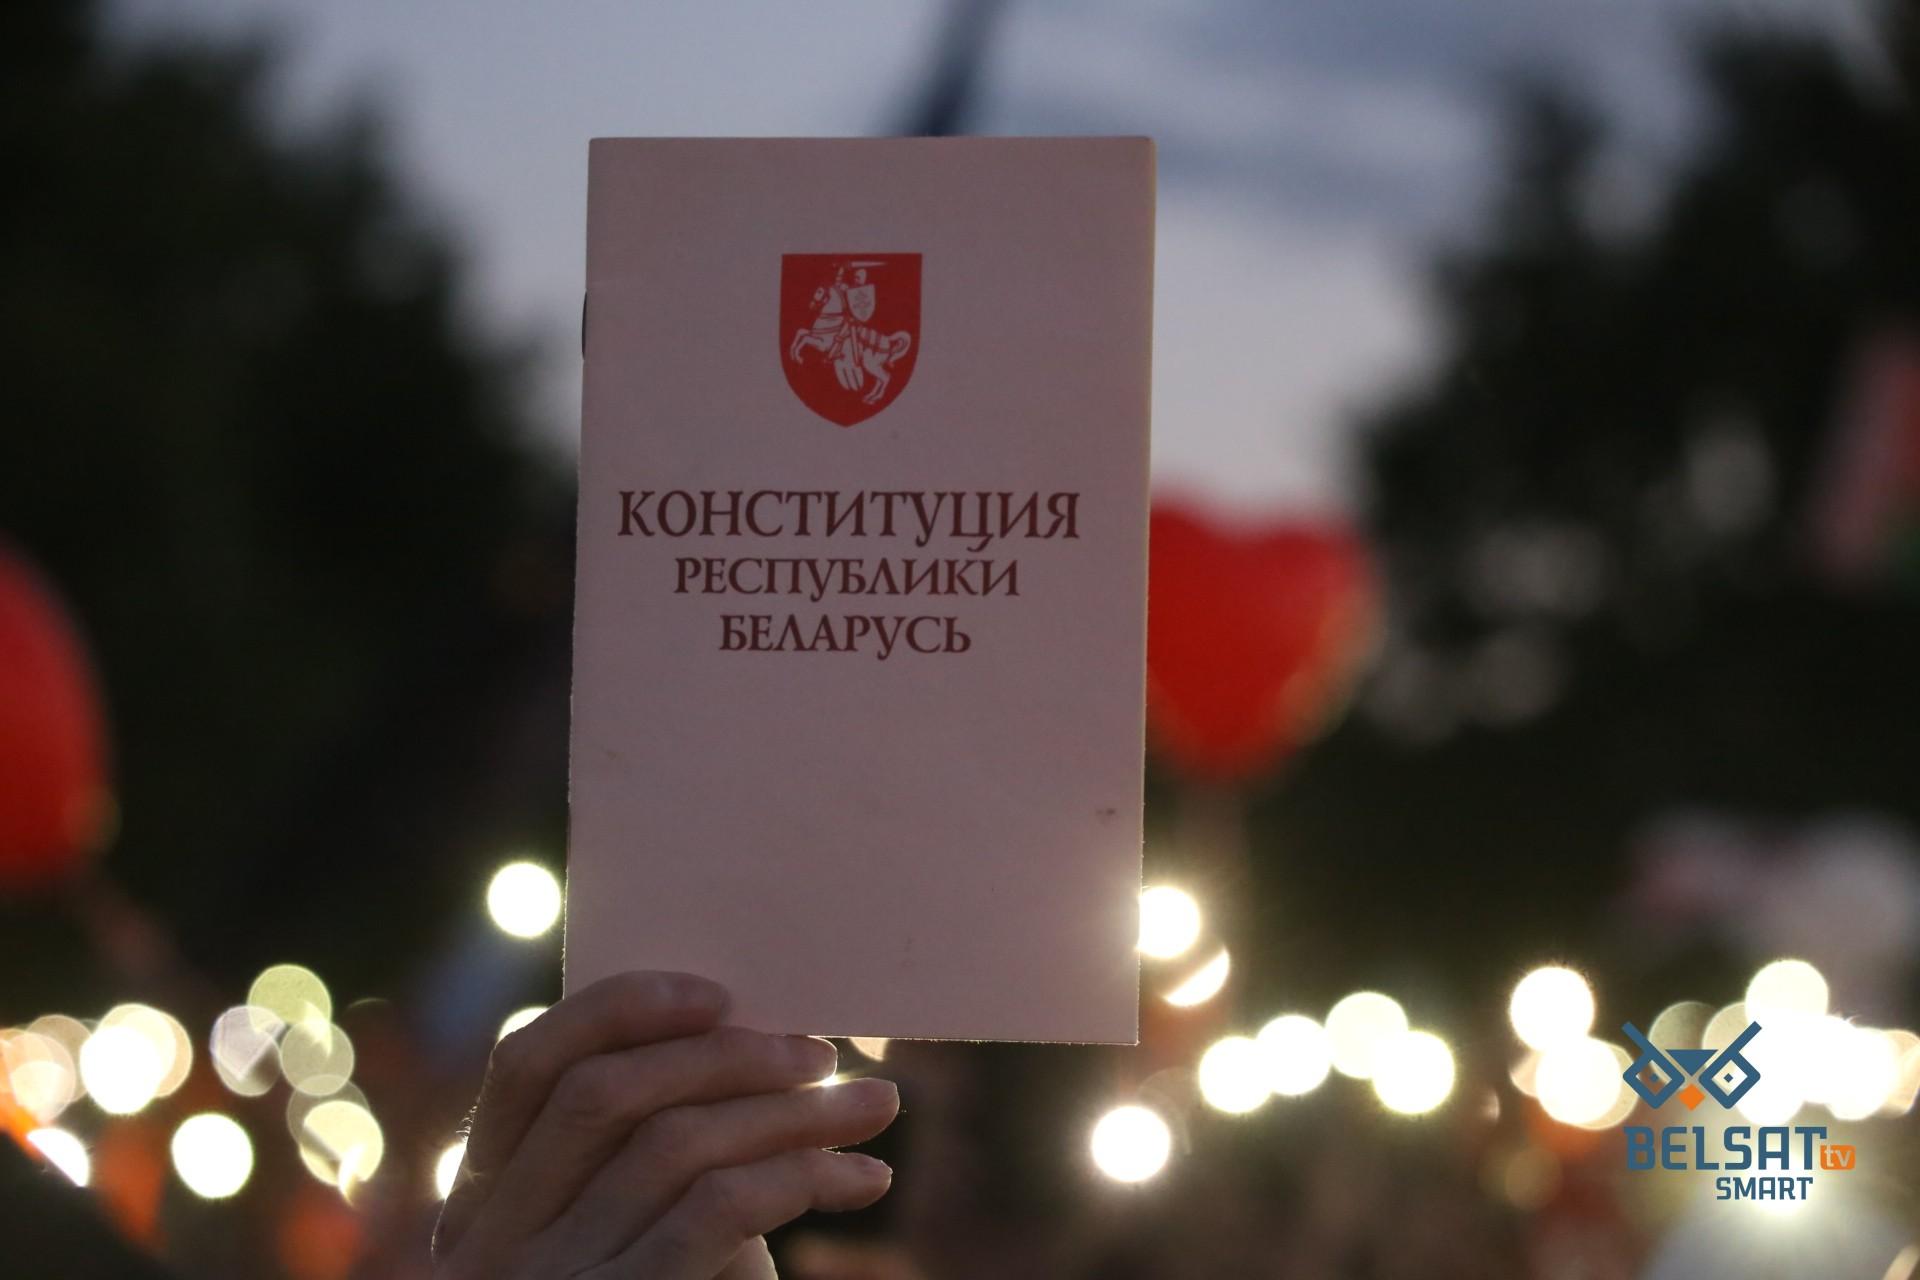 На митинге Тихановской. Фото — belsat.eu